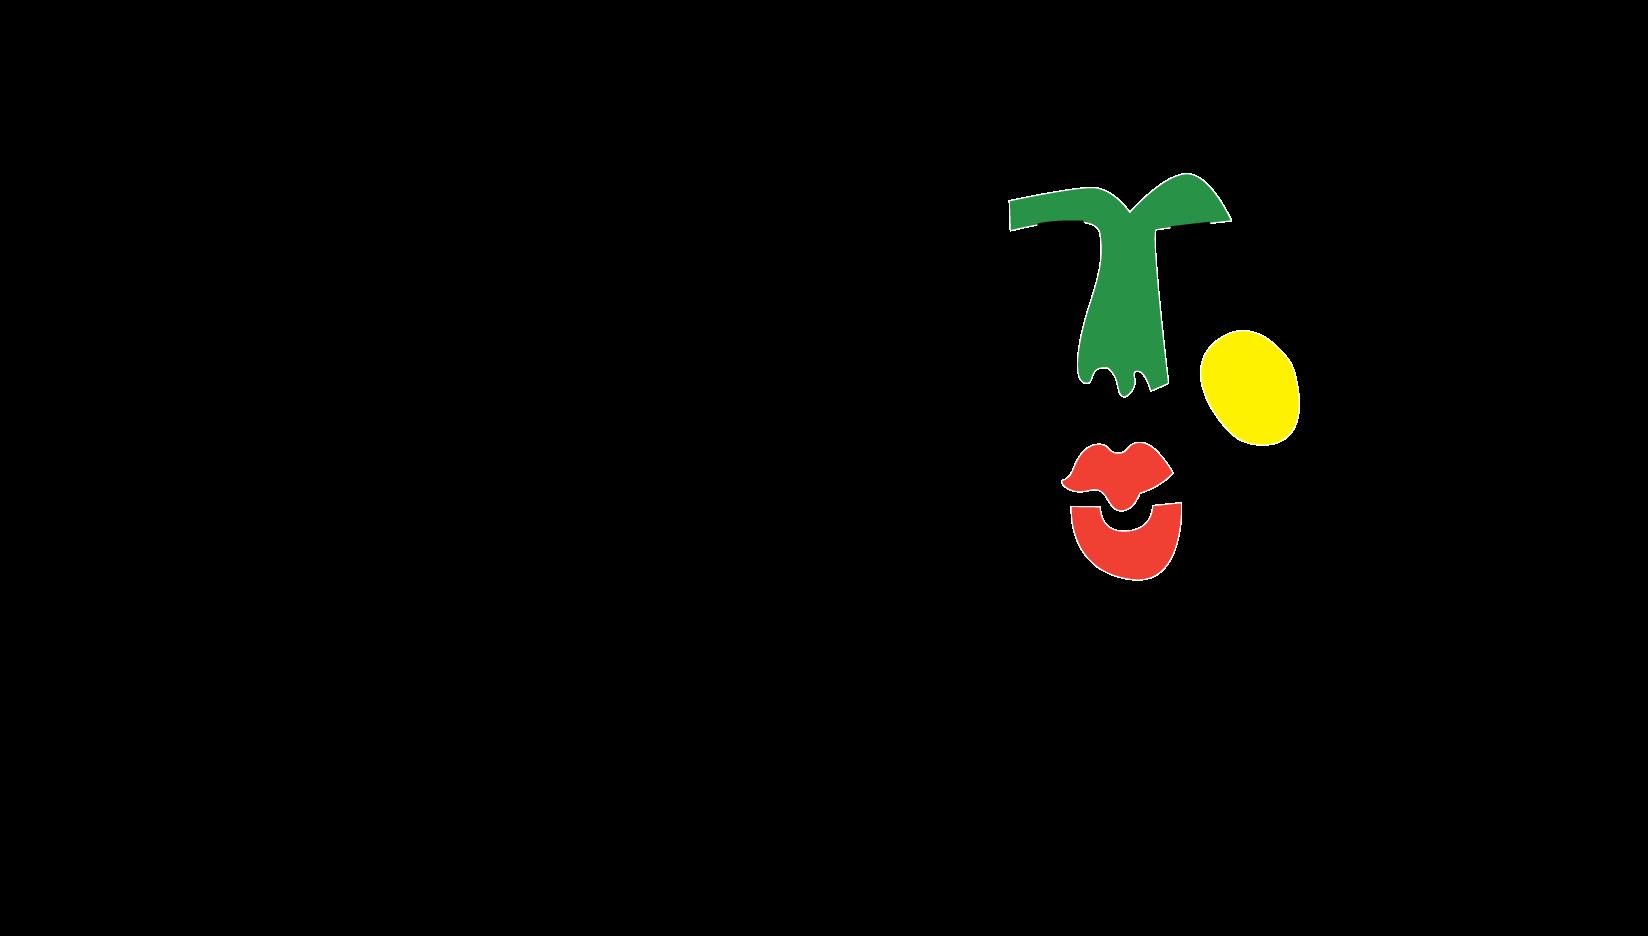 helatomic-illustration-vector-02.png